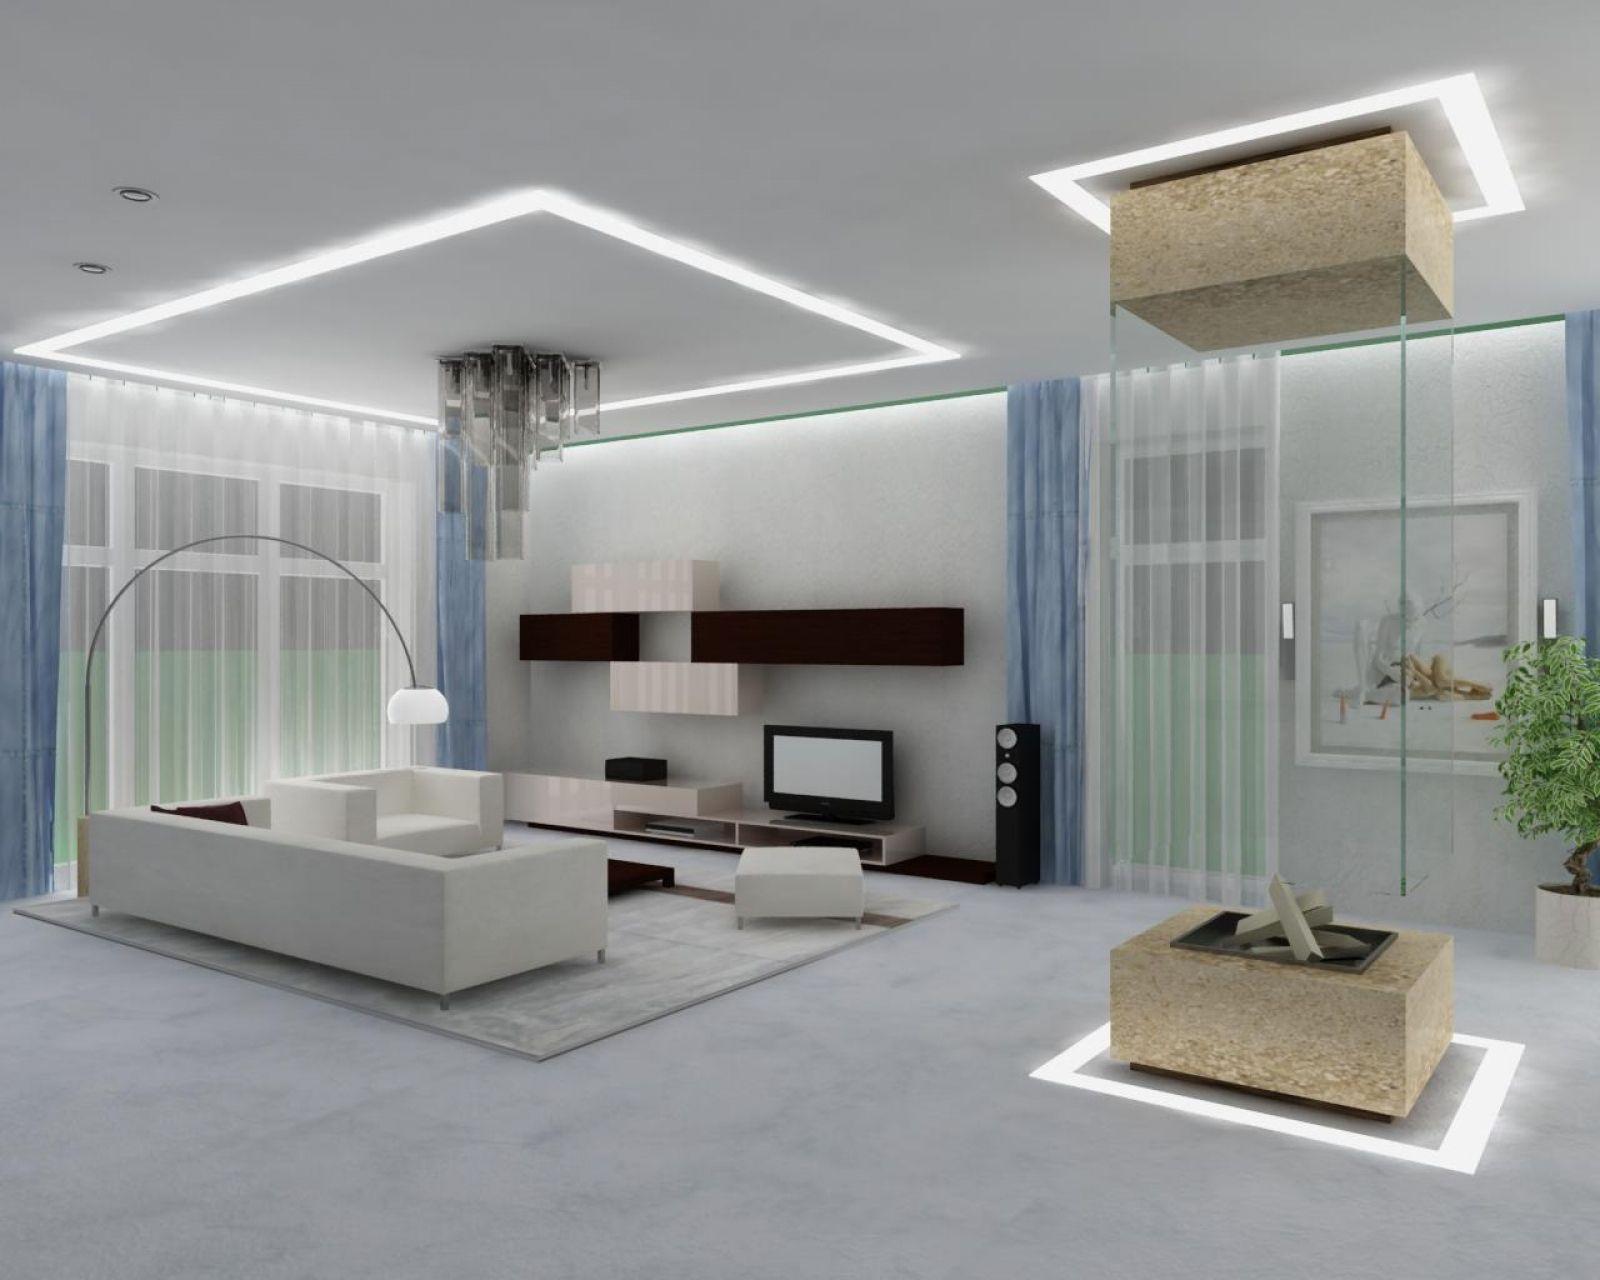 Светильники для интерьера гостиной в светлых тонах